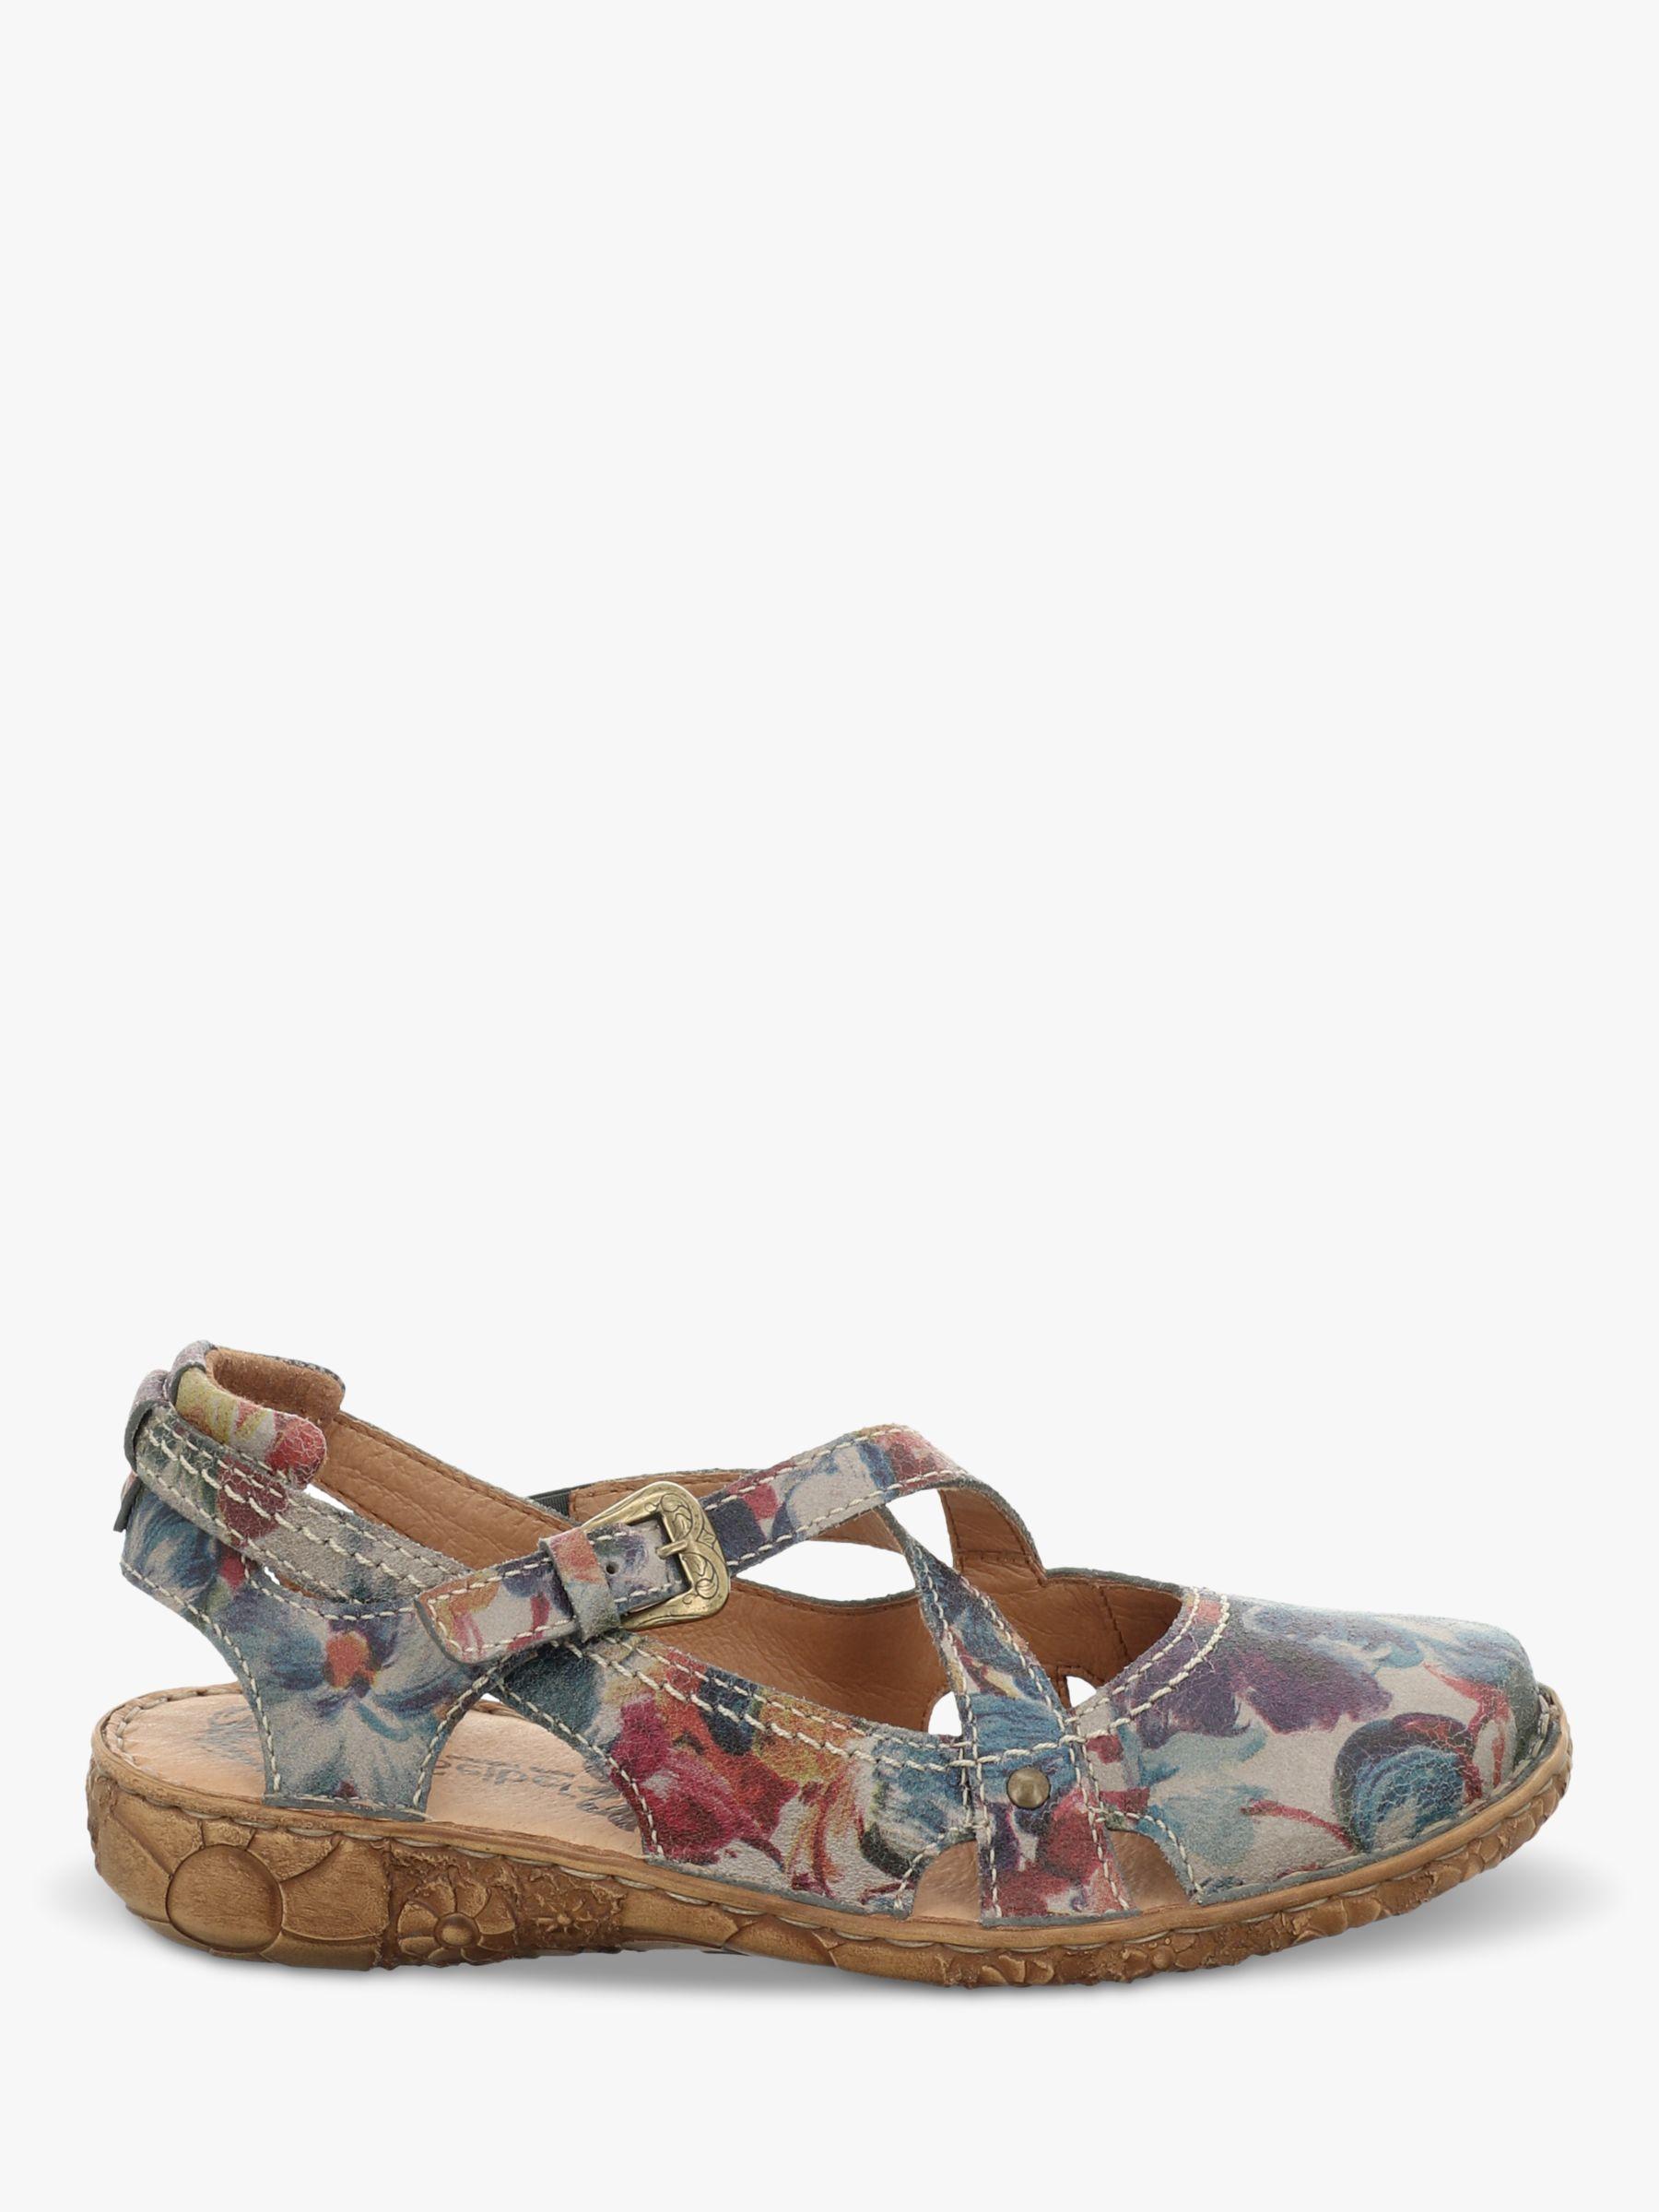 Josef Seibel Josef Seibel Rosalie 13 Leather Casual Shoes